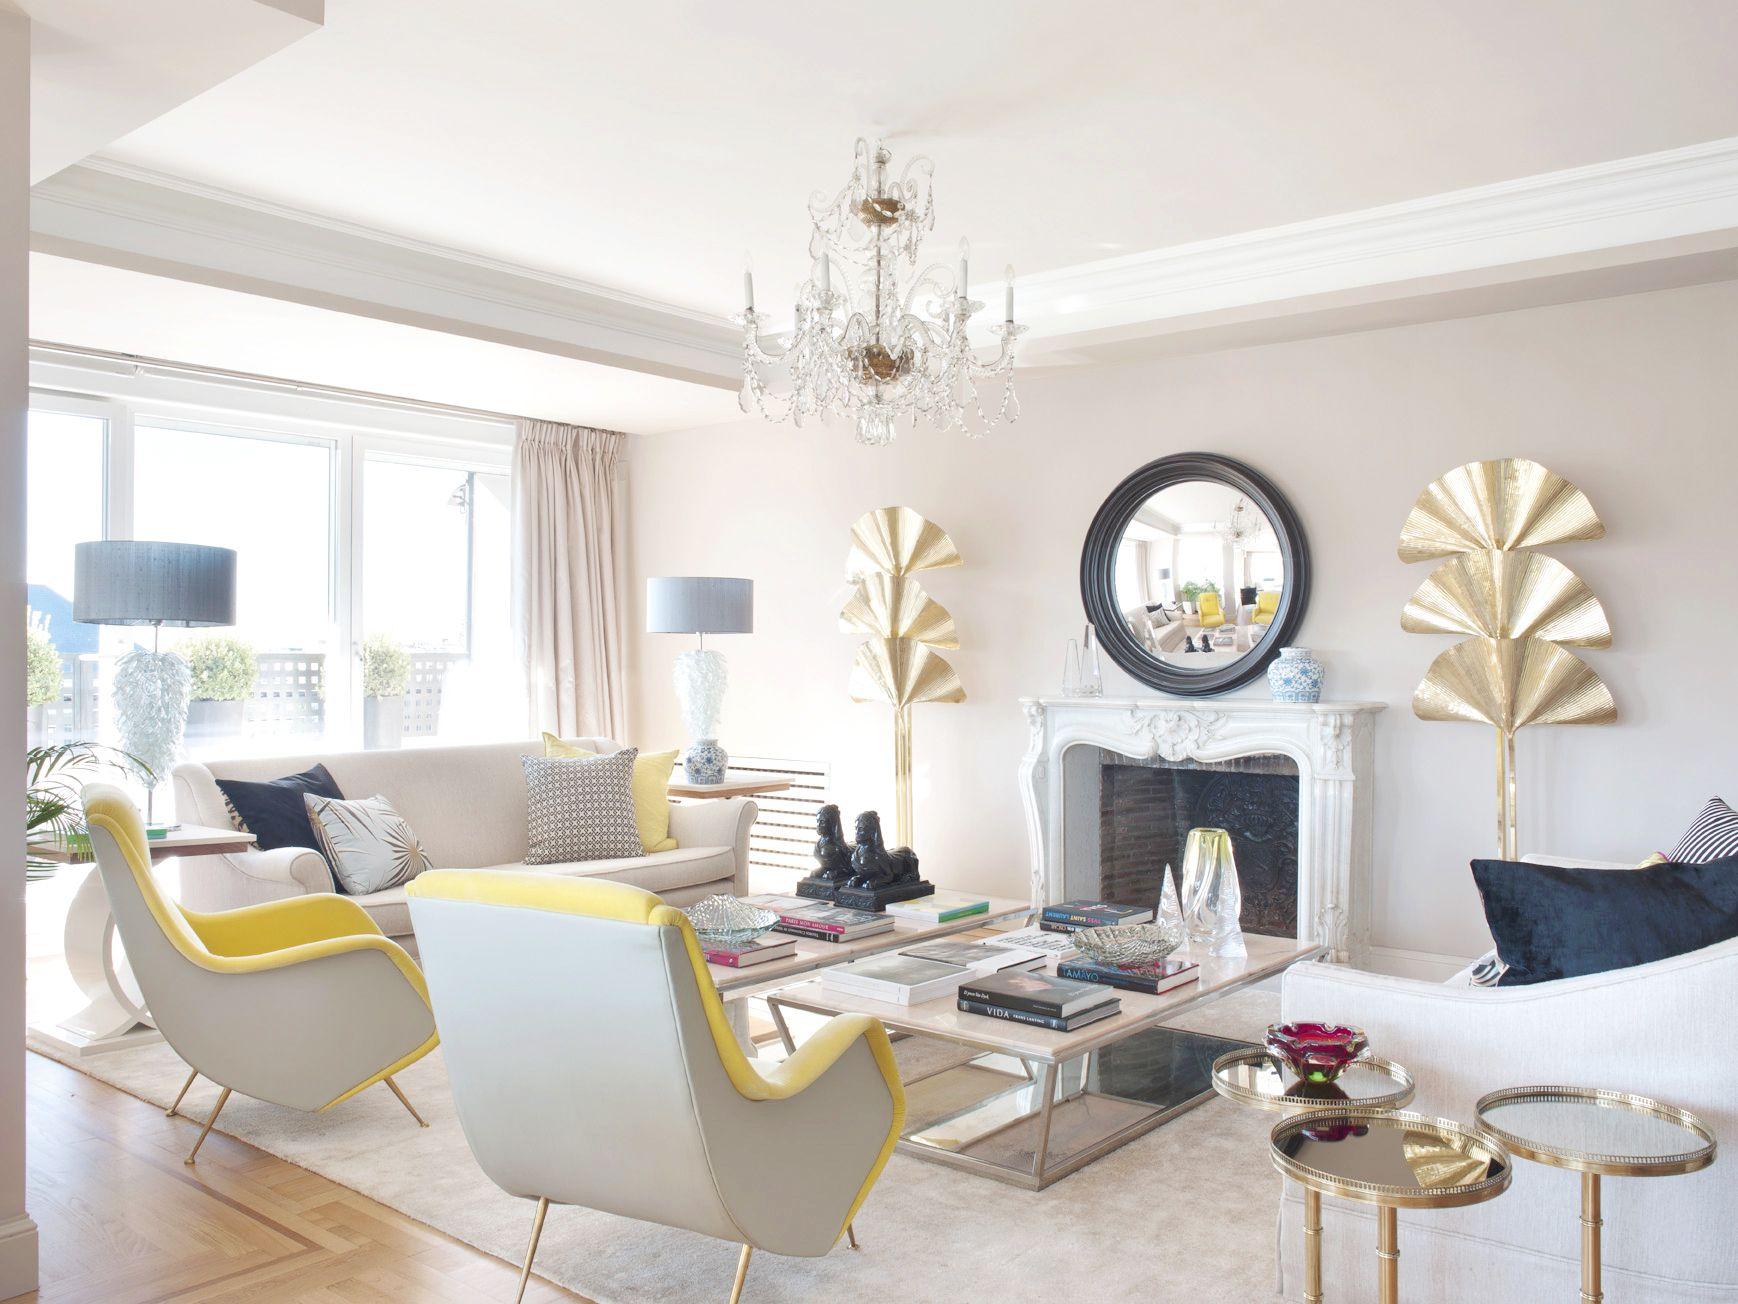 Merveilleux #decor, #interiors #design #color #montsegarriga #beatrizaparicio  #miriam_alia,